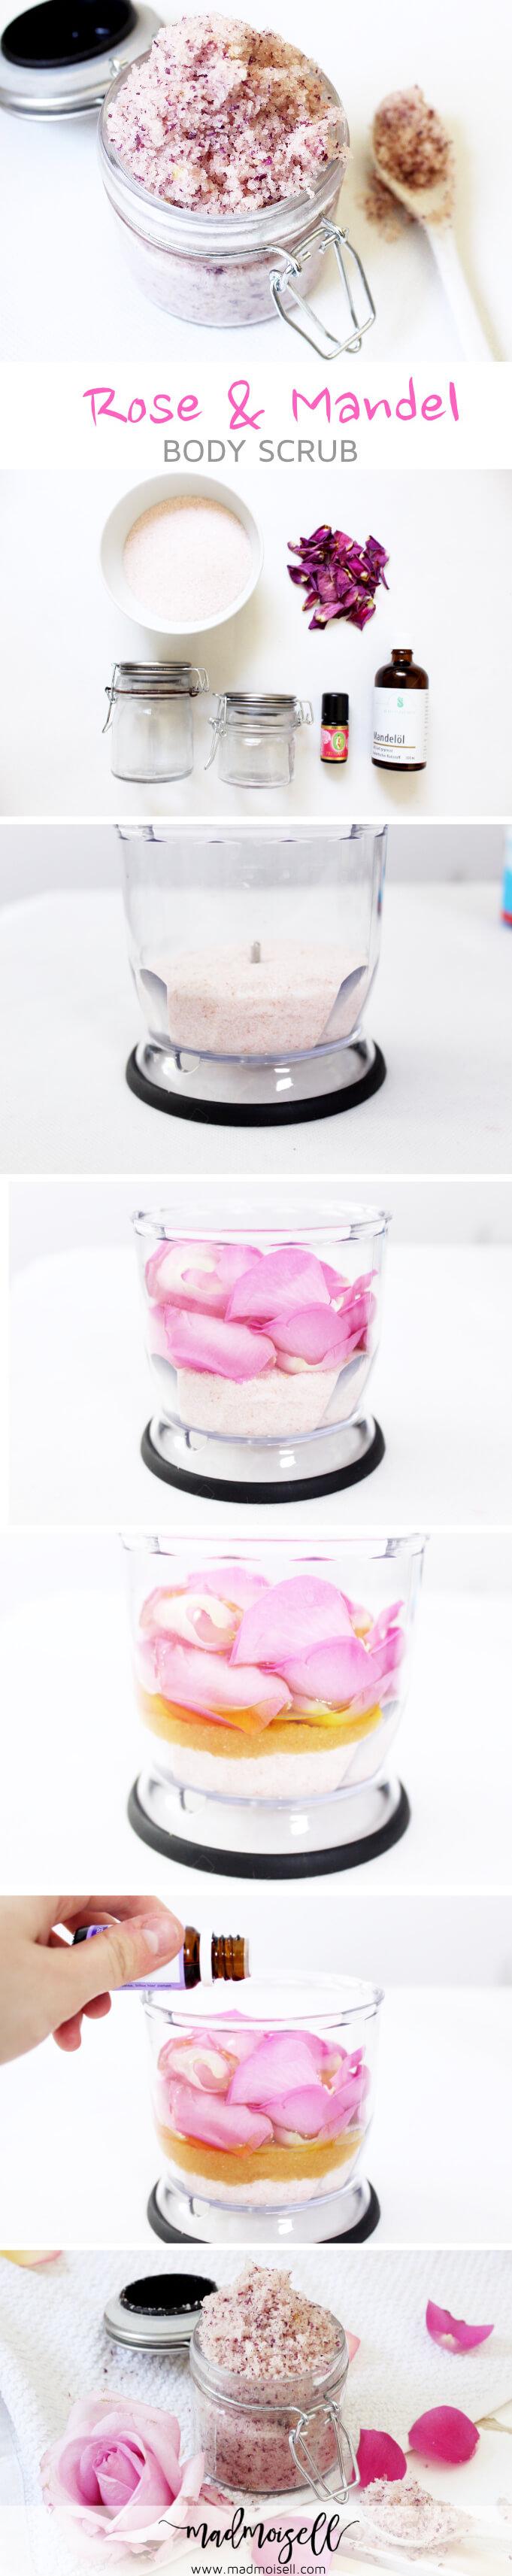 diy-anleitung-body-scrub-koerperpeeling-selbermachen-rose-mandel-meersalz